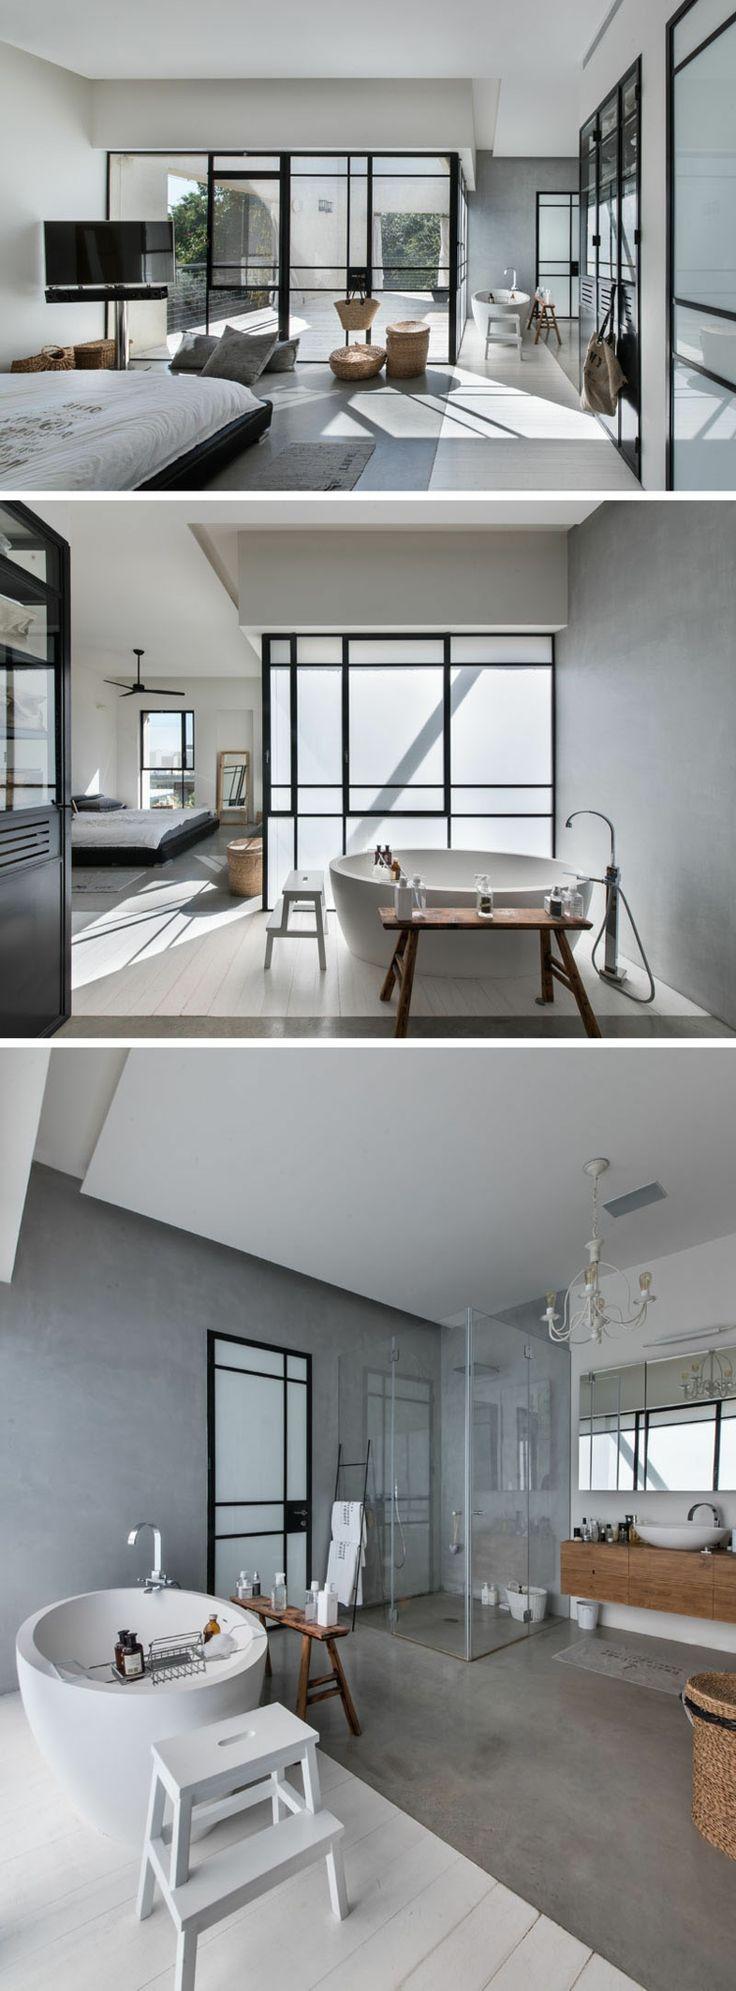 die besten 10 beton waschbecken badezimmer ideen auf pinterest beton badezimmer betonk rper. Black Bedroom Furniture Sets. Home Design Ideas